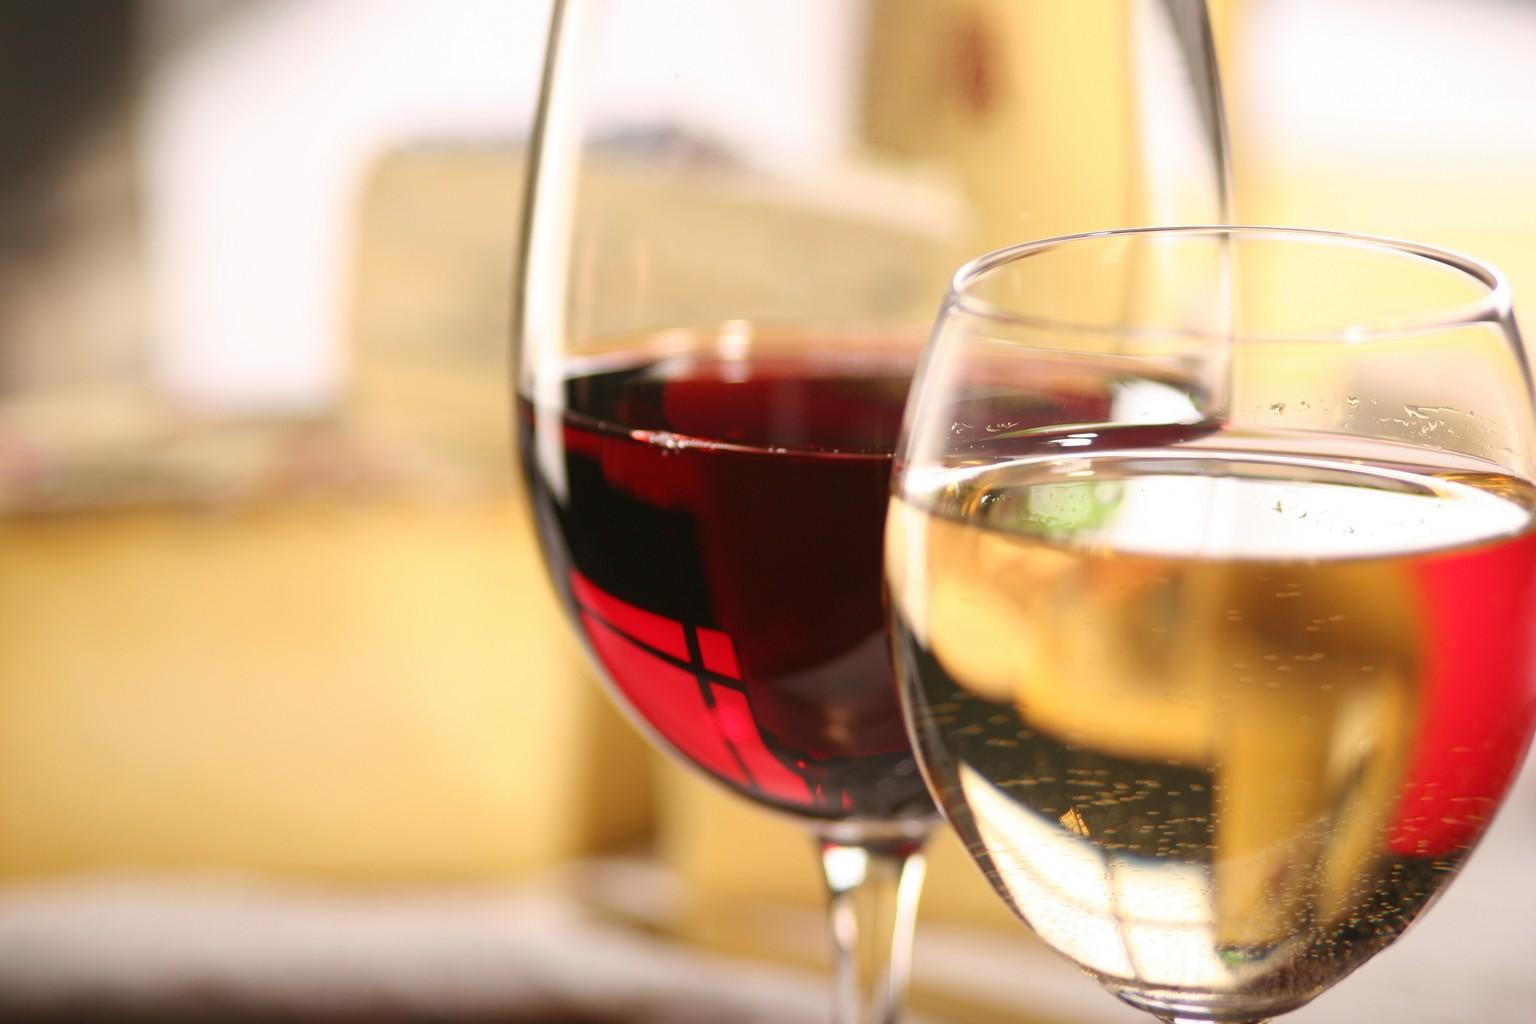 Choisir la toile pour la vente de vin